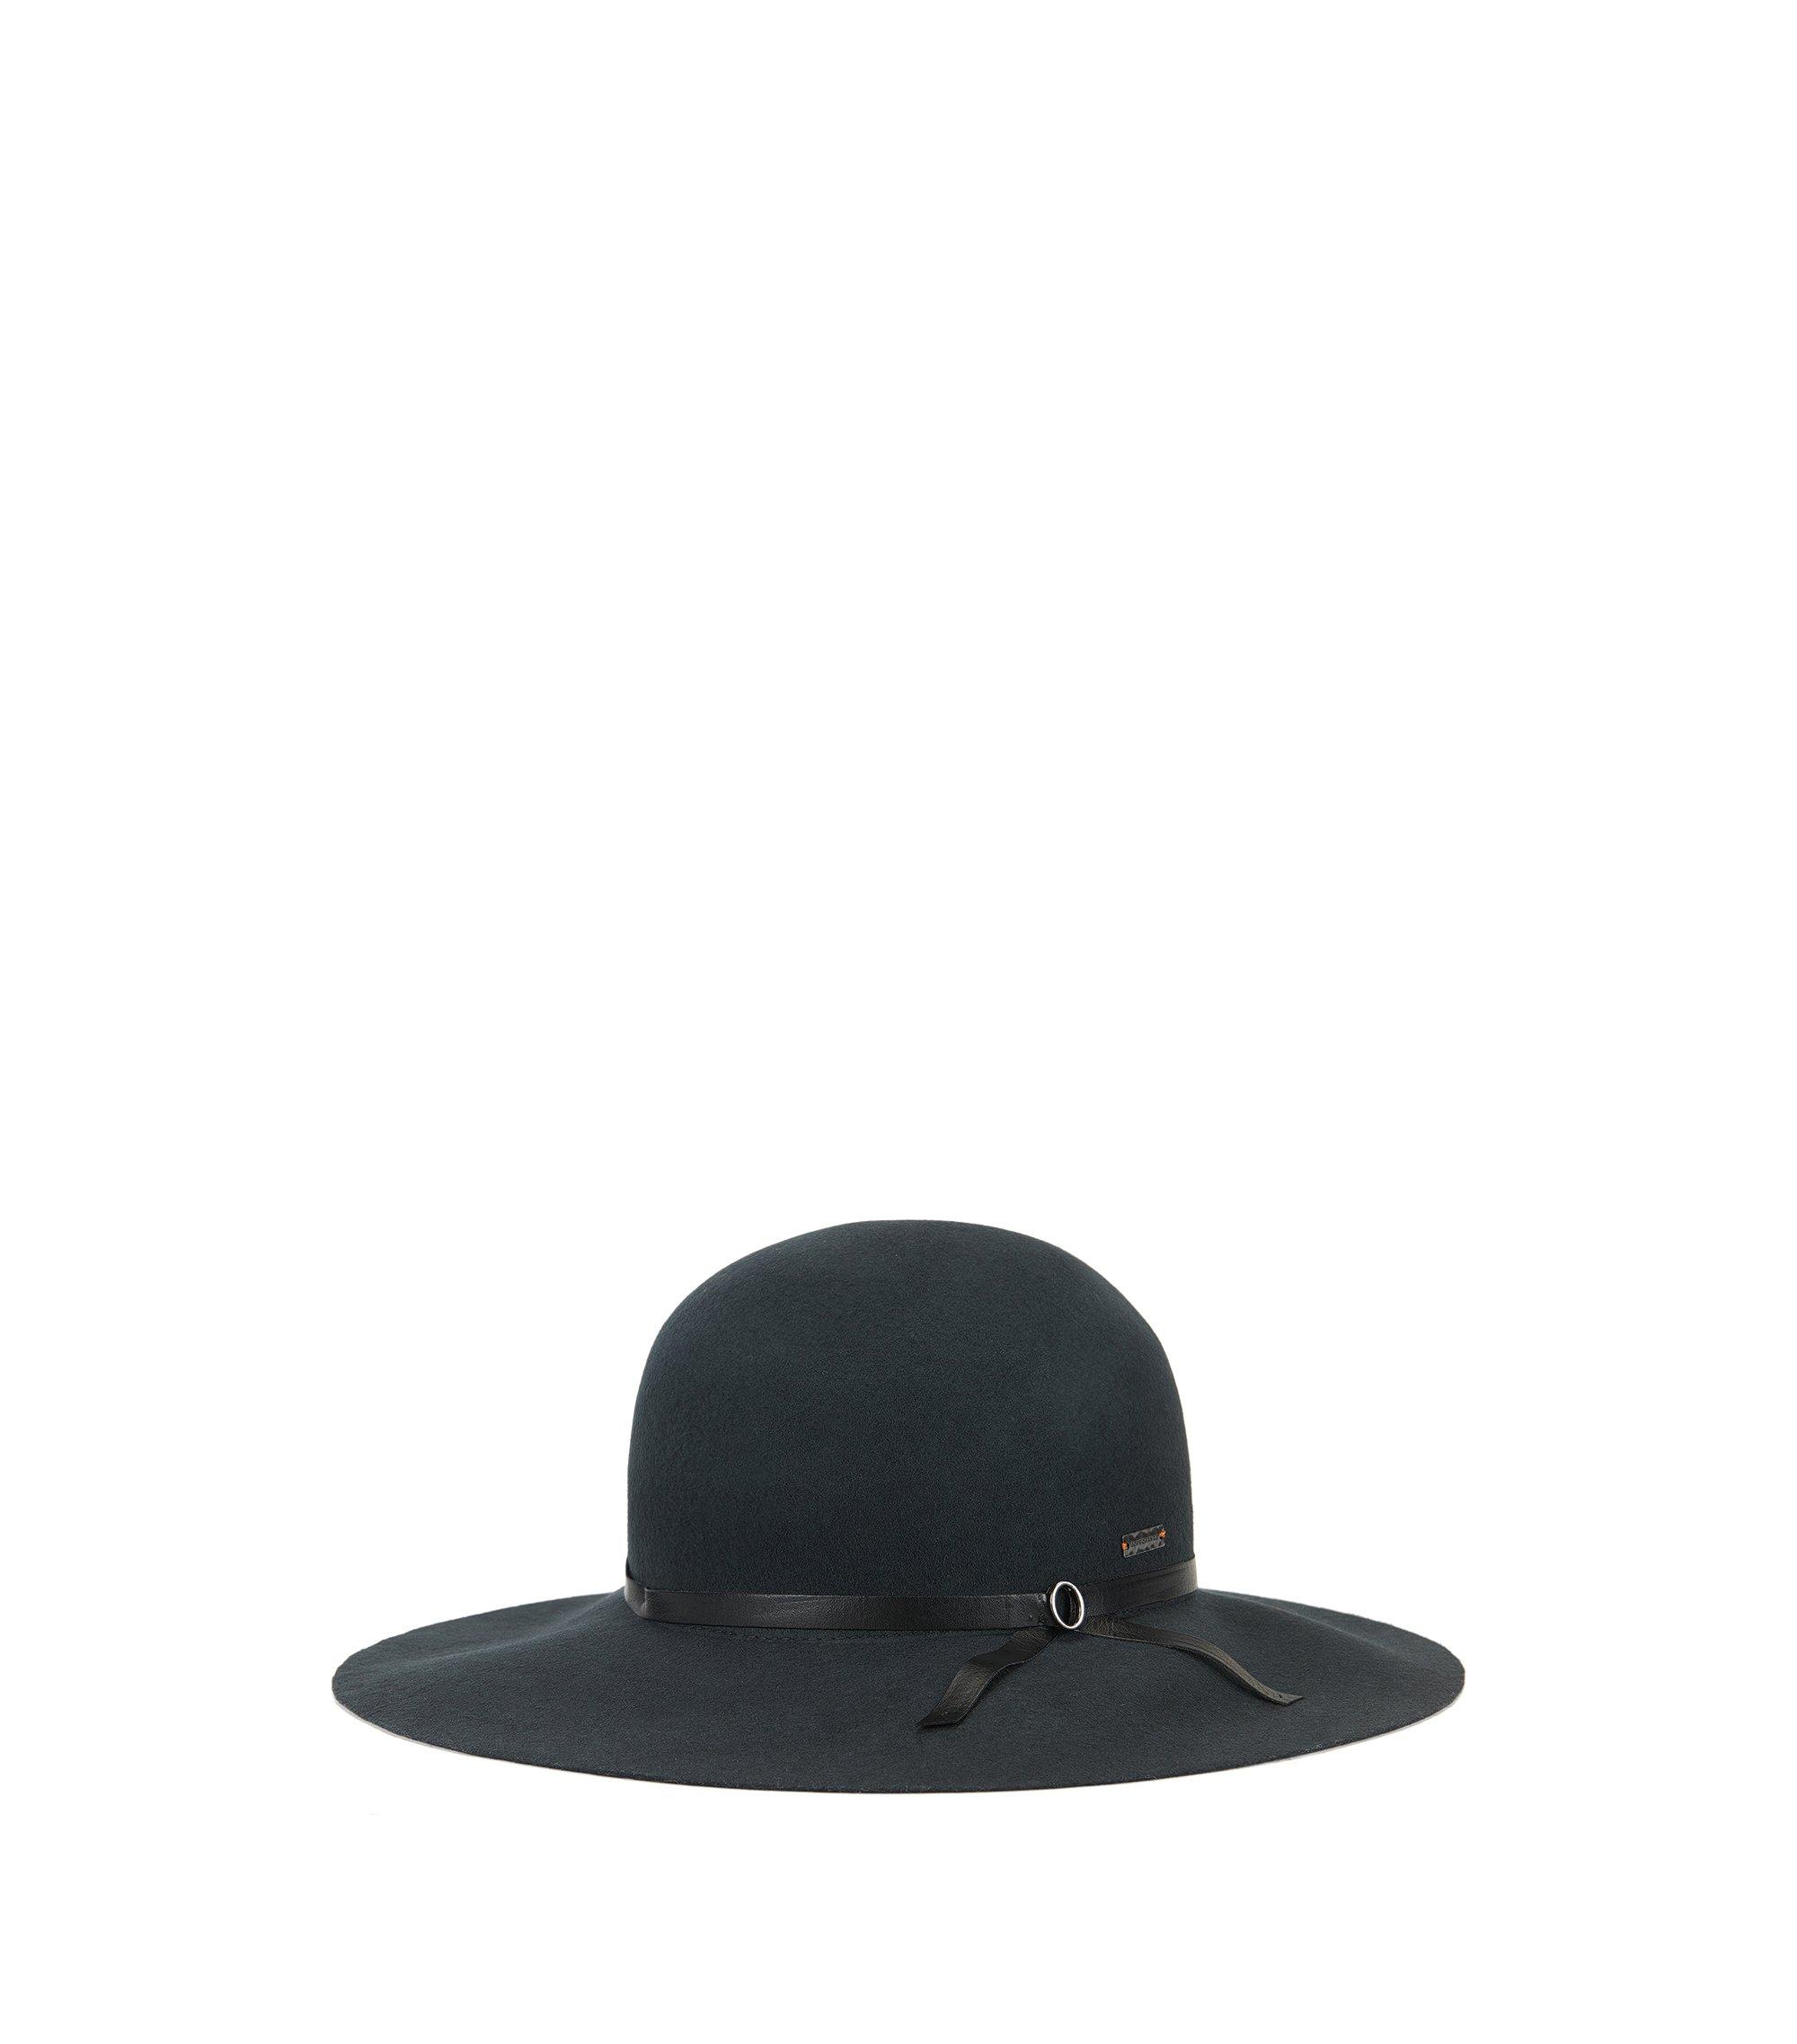 Cappello in lana con tesa ampia, Grigio antracite